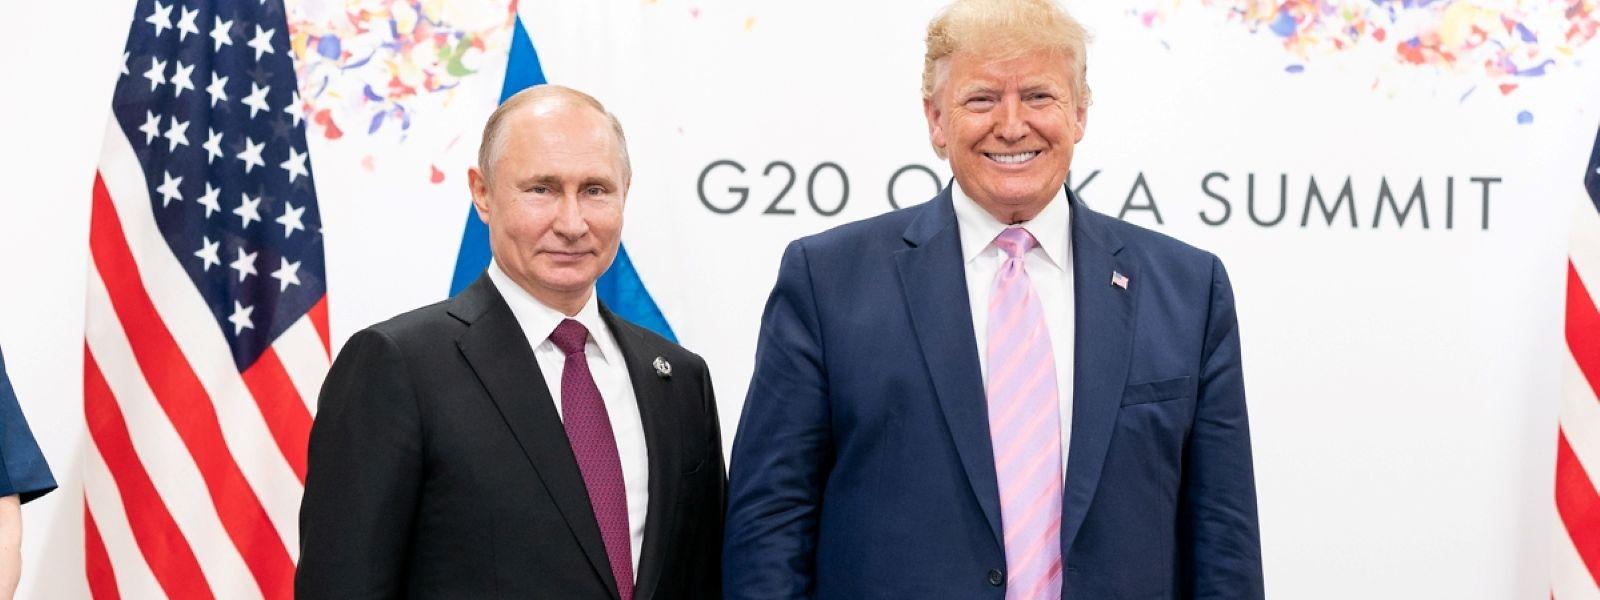 Donald Trump und Wladimir Putin während eines bilateralen Treffens beim G20-Gipfel im Sommer 2019.